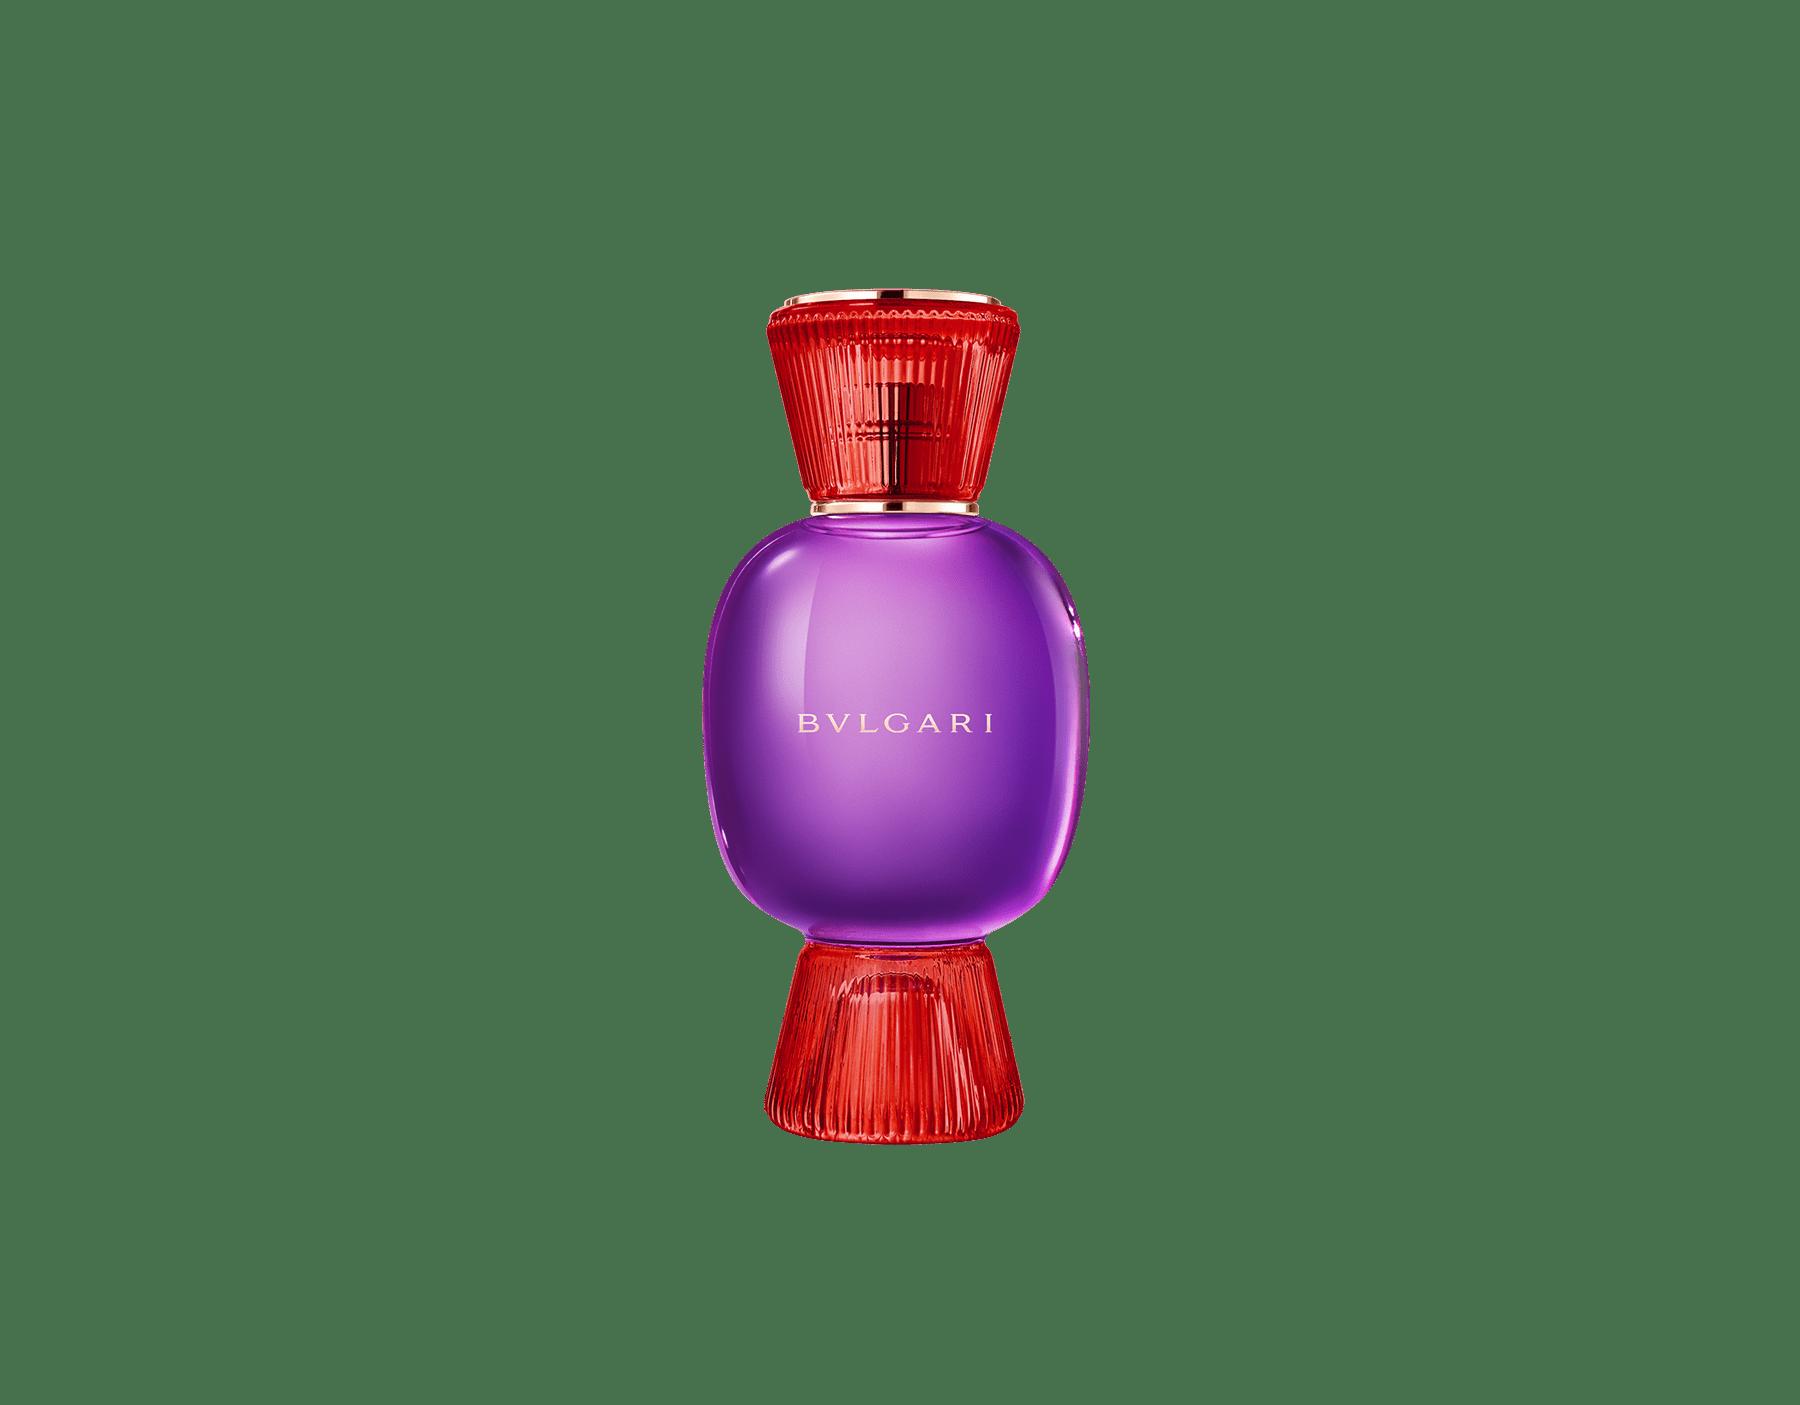 «C'est la quintessence de la sophistication italienne devenue parfum.» Jacques Cavallier Une fragrance chyprée festive pour représenter la ferveur de la plus incroyable Festa italienne 41243 image 5